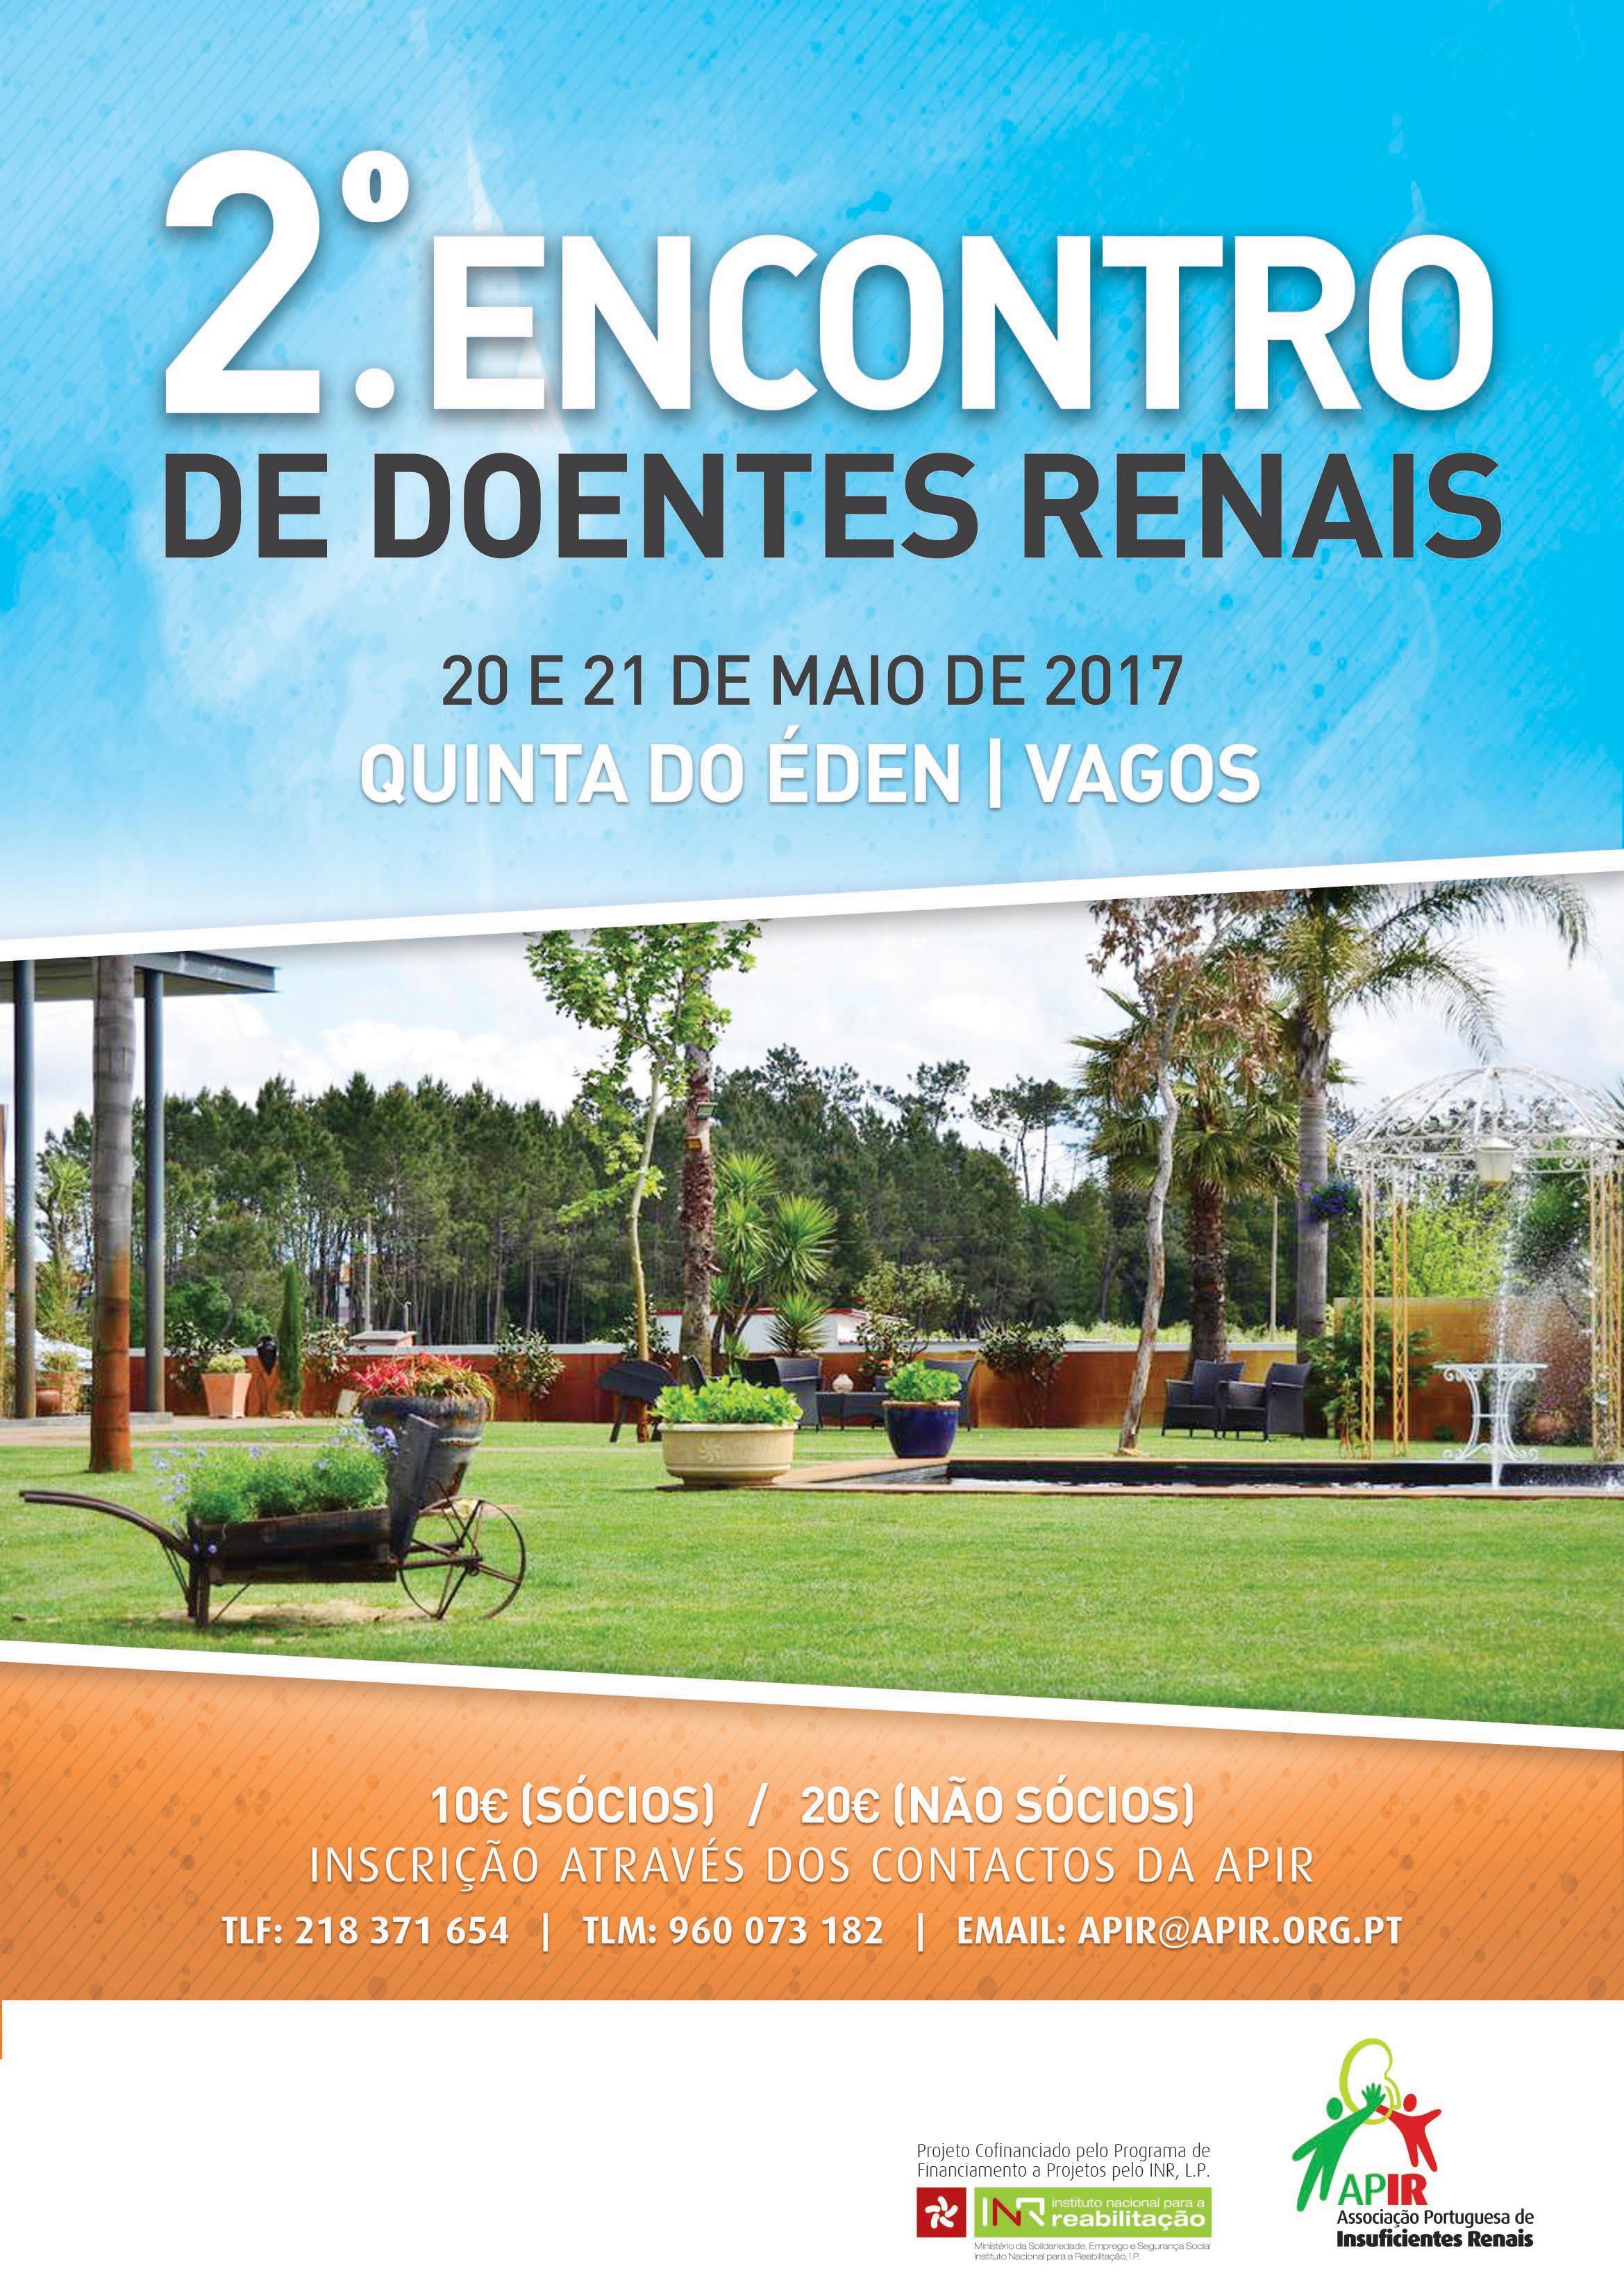 Cartaz 2.º Encontro de Doentes Renais - VAGOS